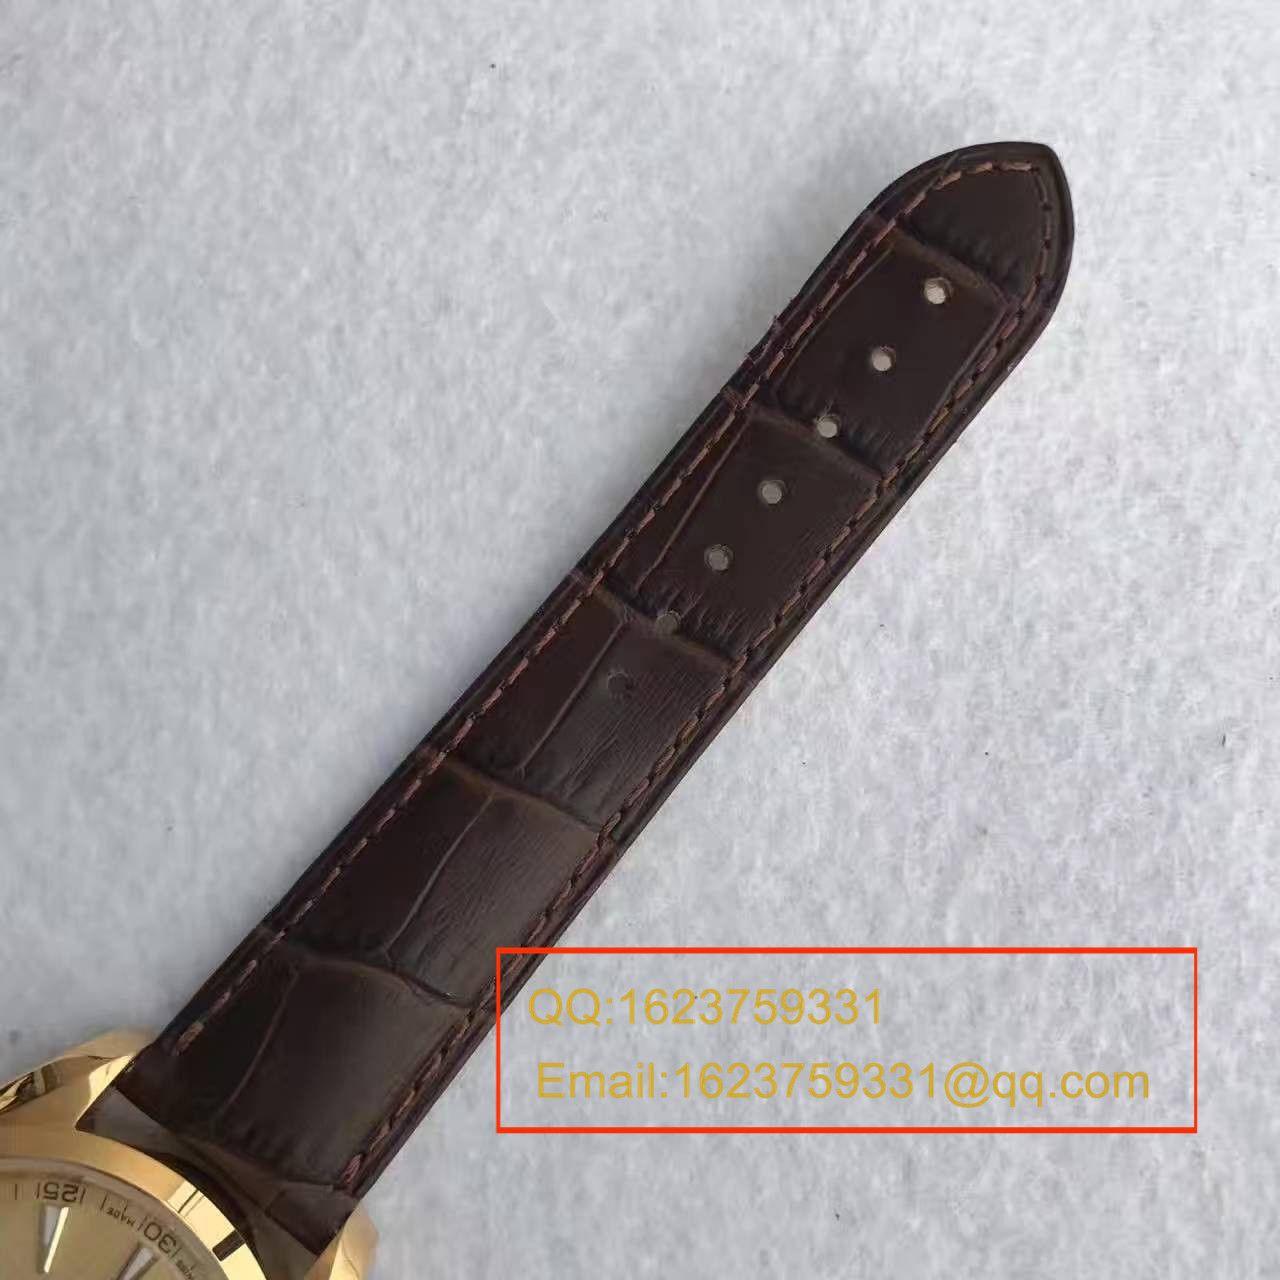 【KW厂1:1顶级精仿手表】欧米茄海马系列《AQUA TERRA 150米系列 》231.53.42.21.08.001腕表